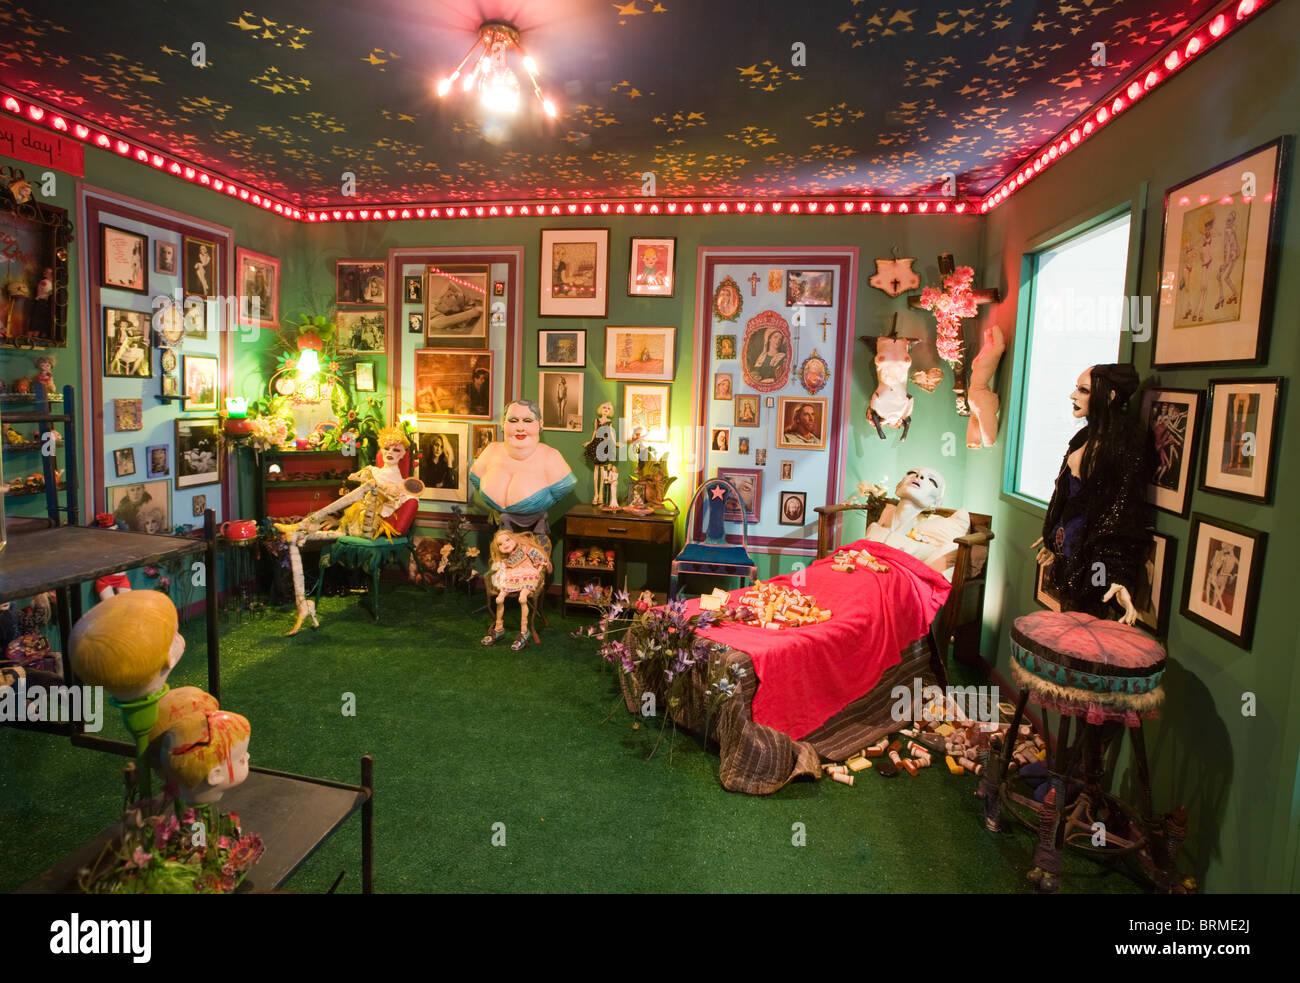 Arte di installazione da Greer Lankton a Mattress Factory Art Museum di Pittsburgh, Pennsylvania Immagini Stock